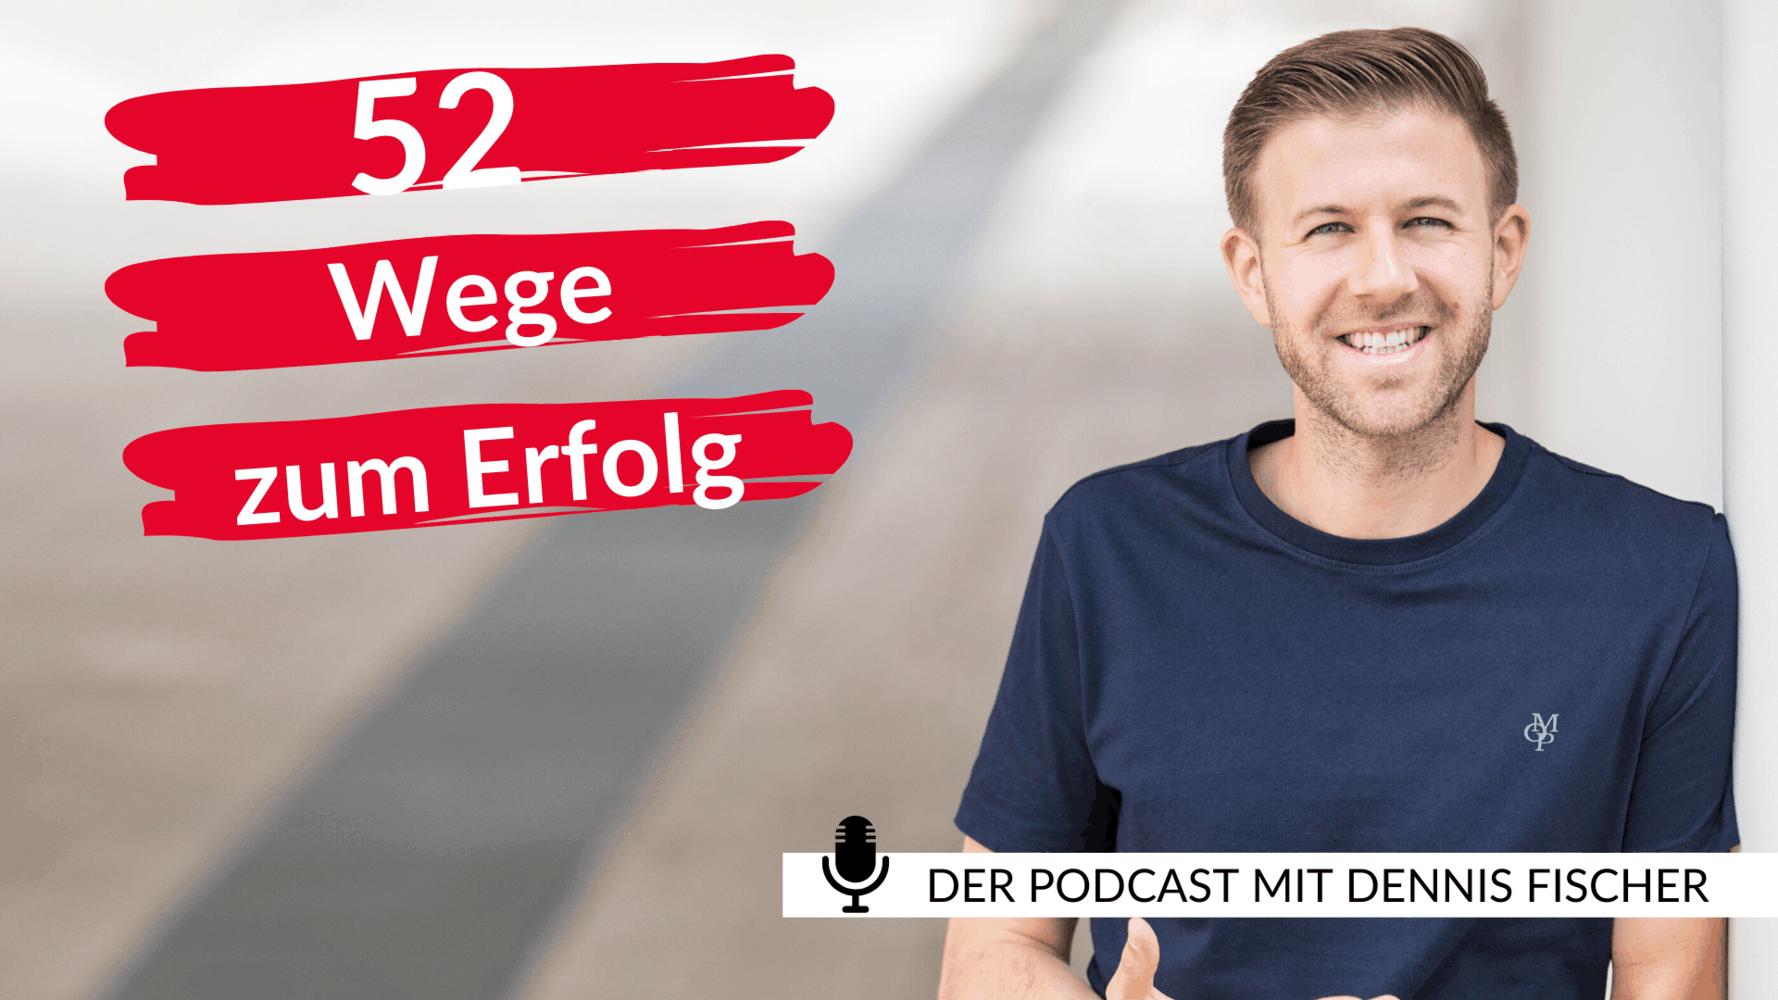 52 Wege zum Erfolg - Der Podcast